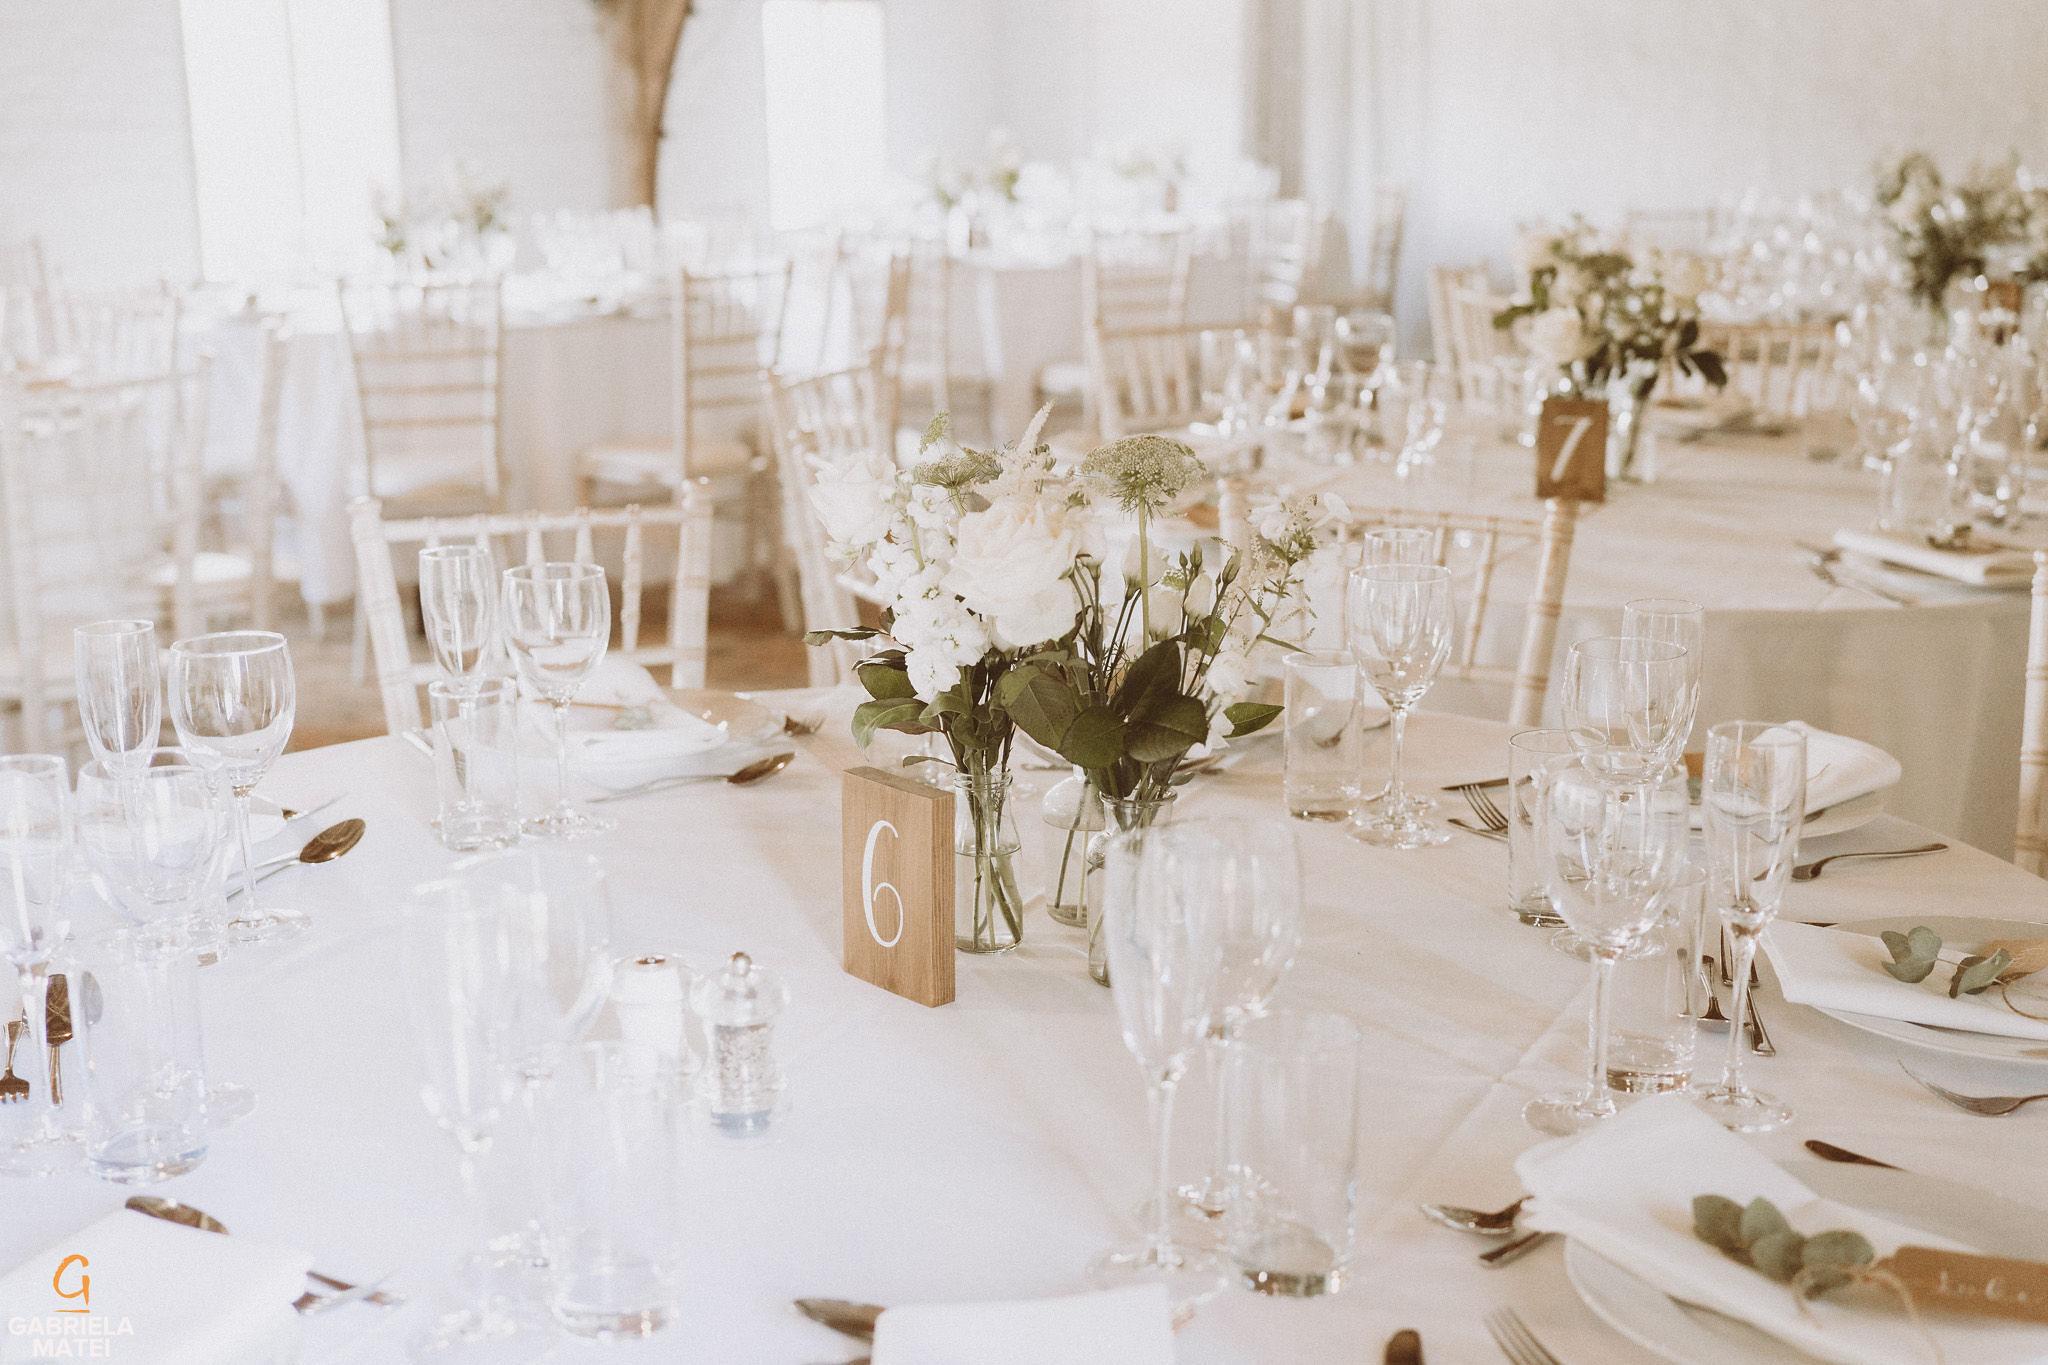 Wedding decor at South Stoke Barn wedding venue in Arundel